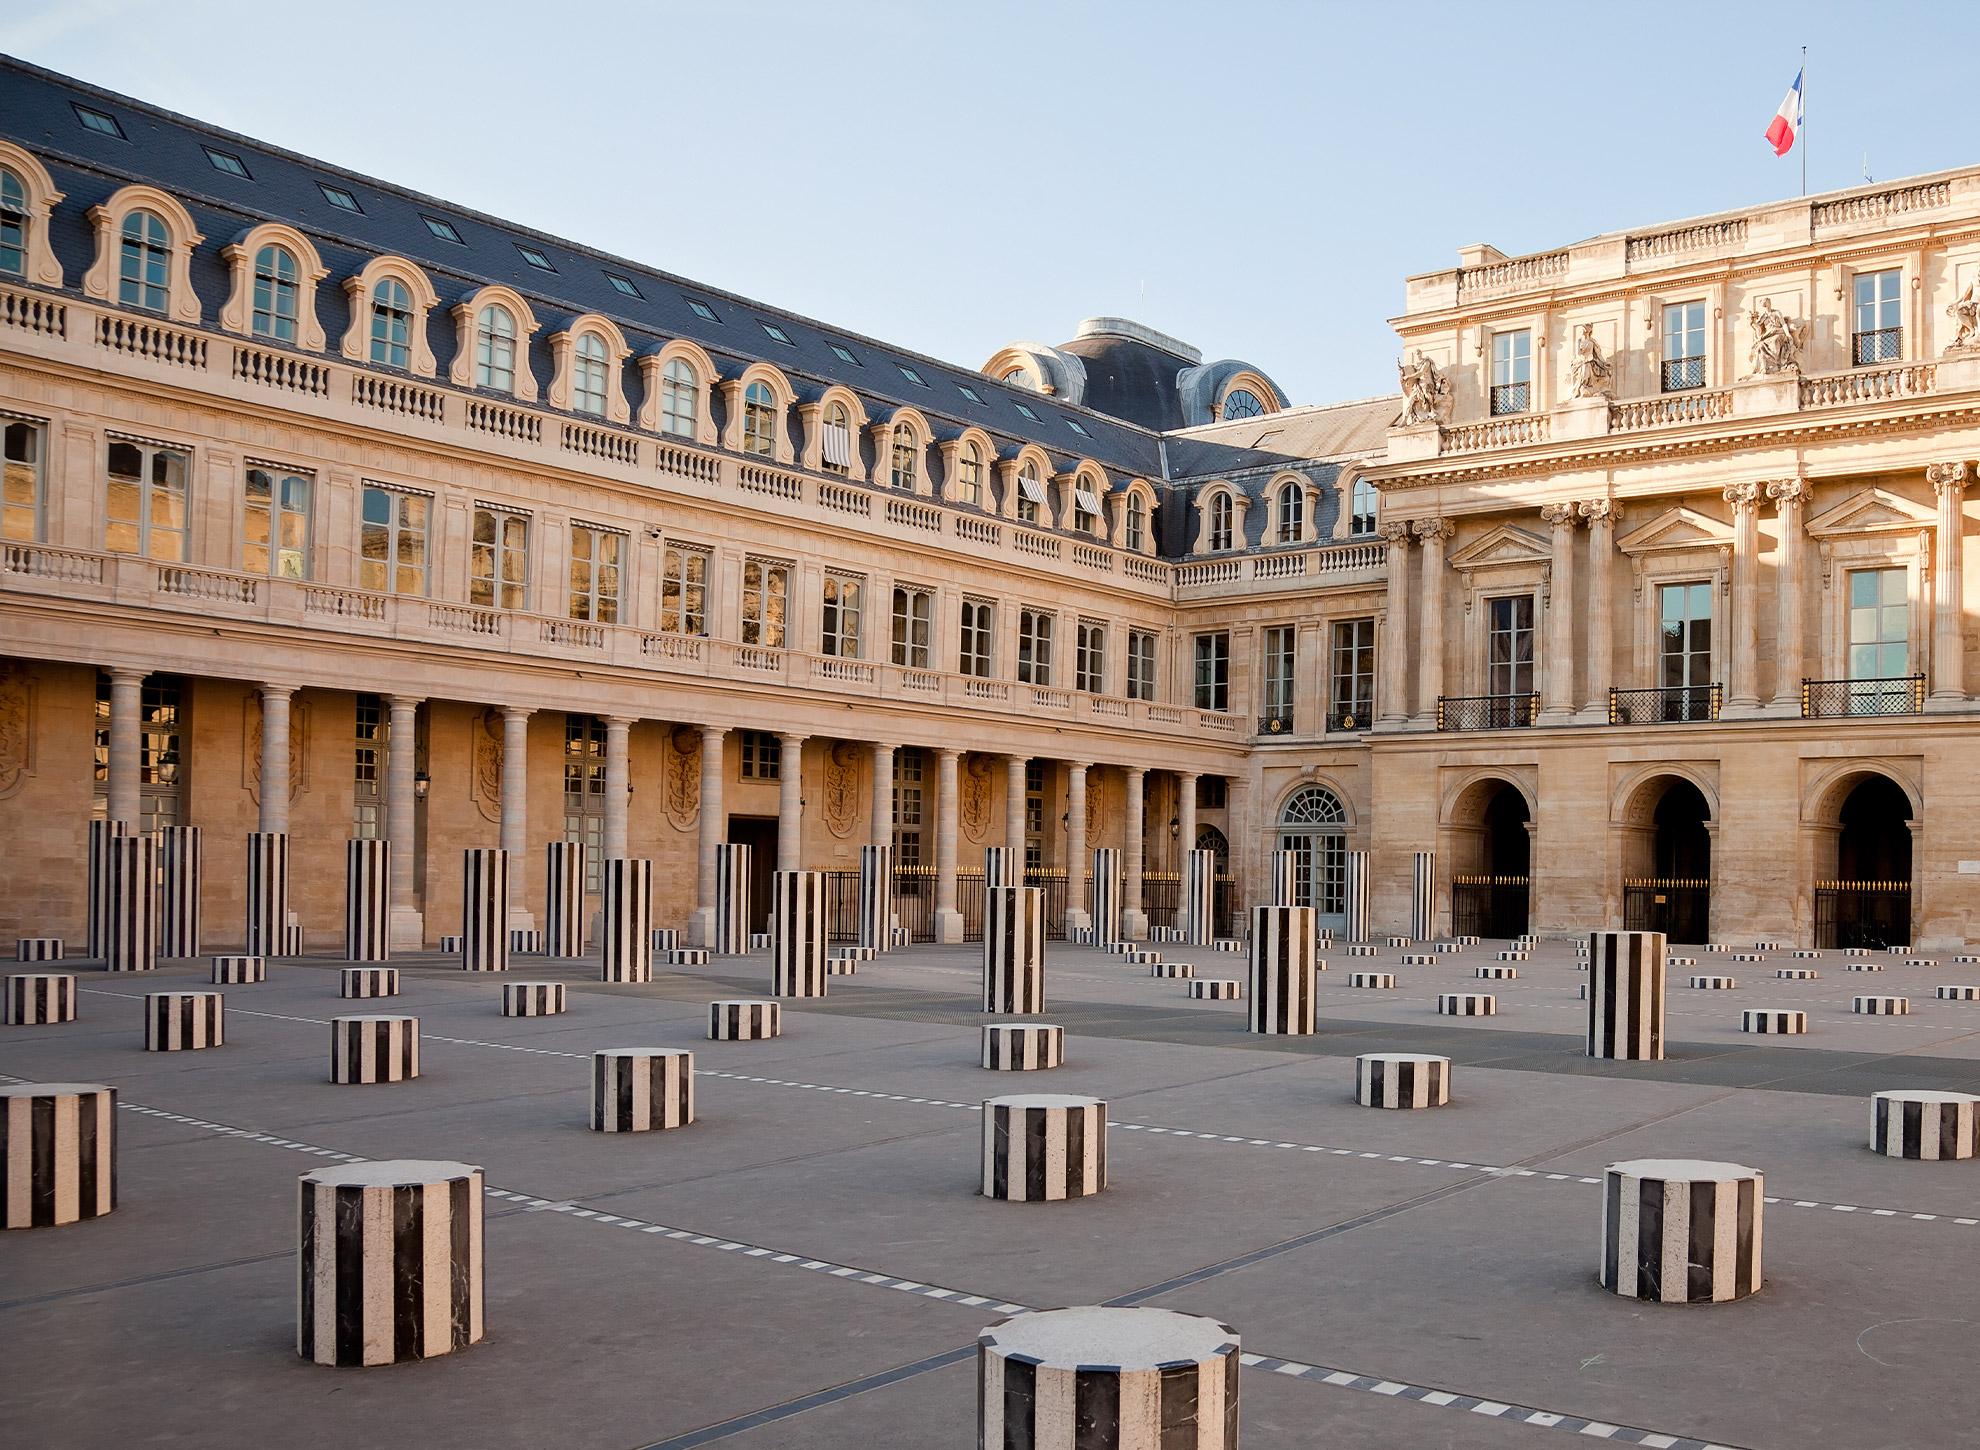 Les Deux Plateaux, Cour d'Honneur du Palais Royal, Paris. Œuvre réalisée par Daniel Buren.